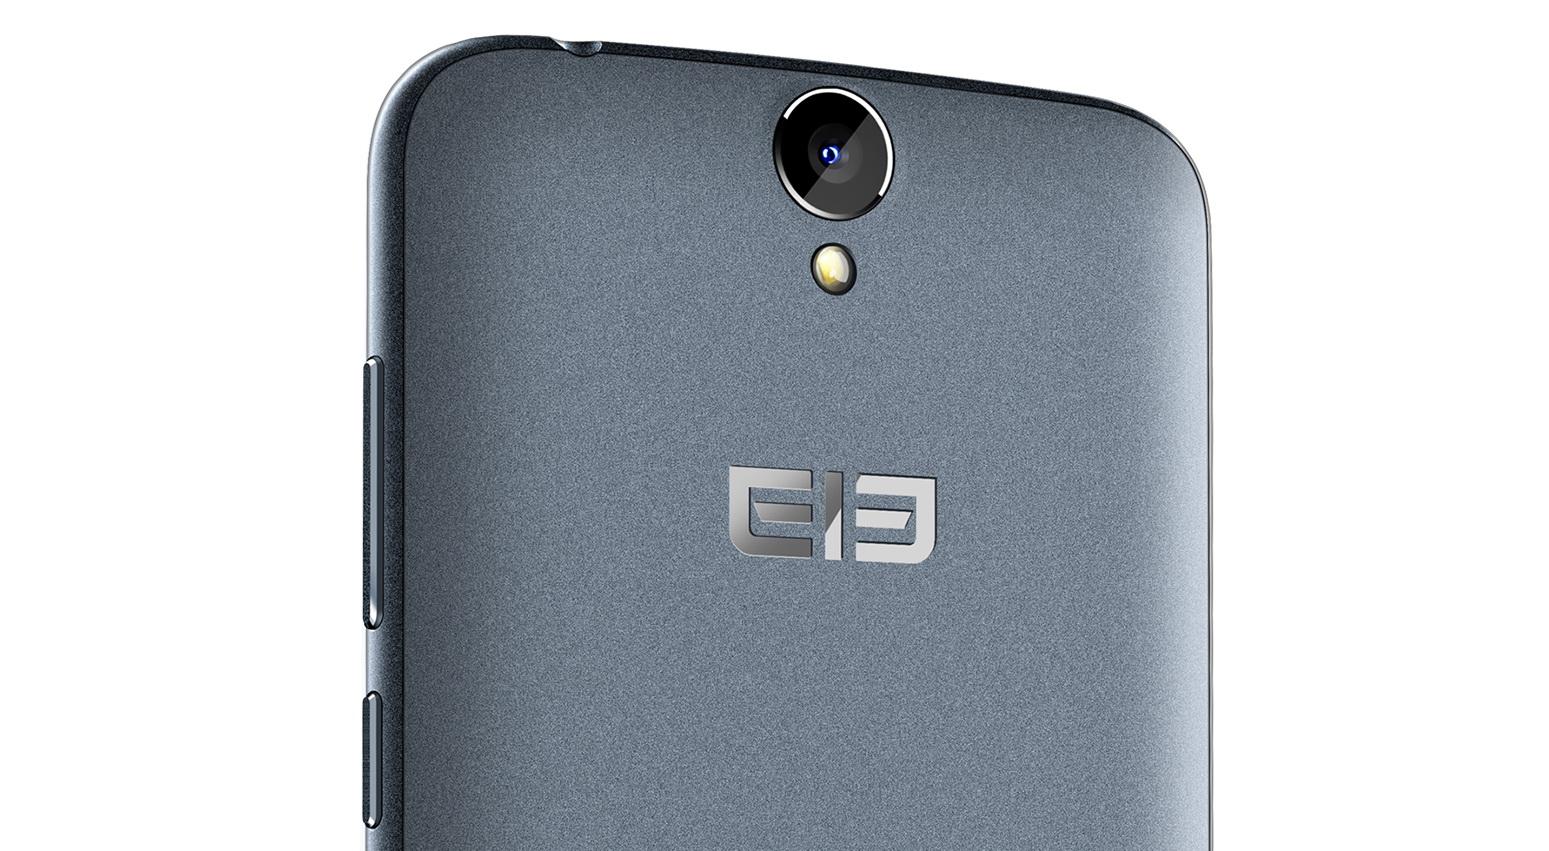 Elephone Ivory este acum oficial; vine cu display HD de 5 inch și costă 99 dolari